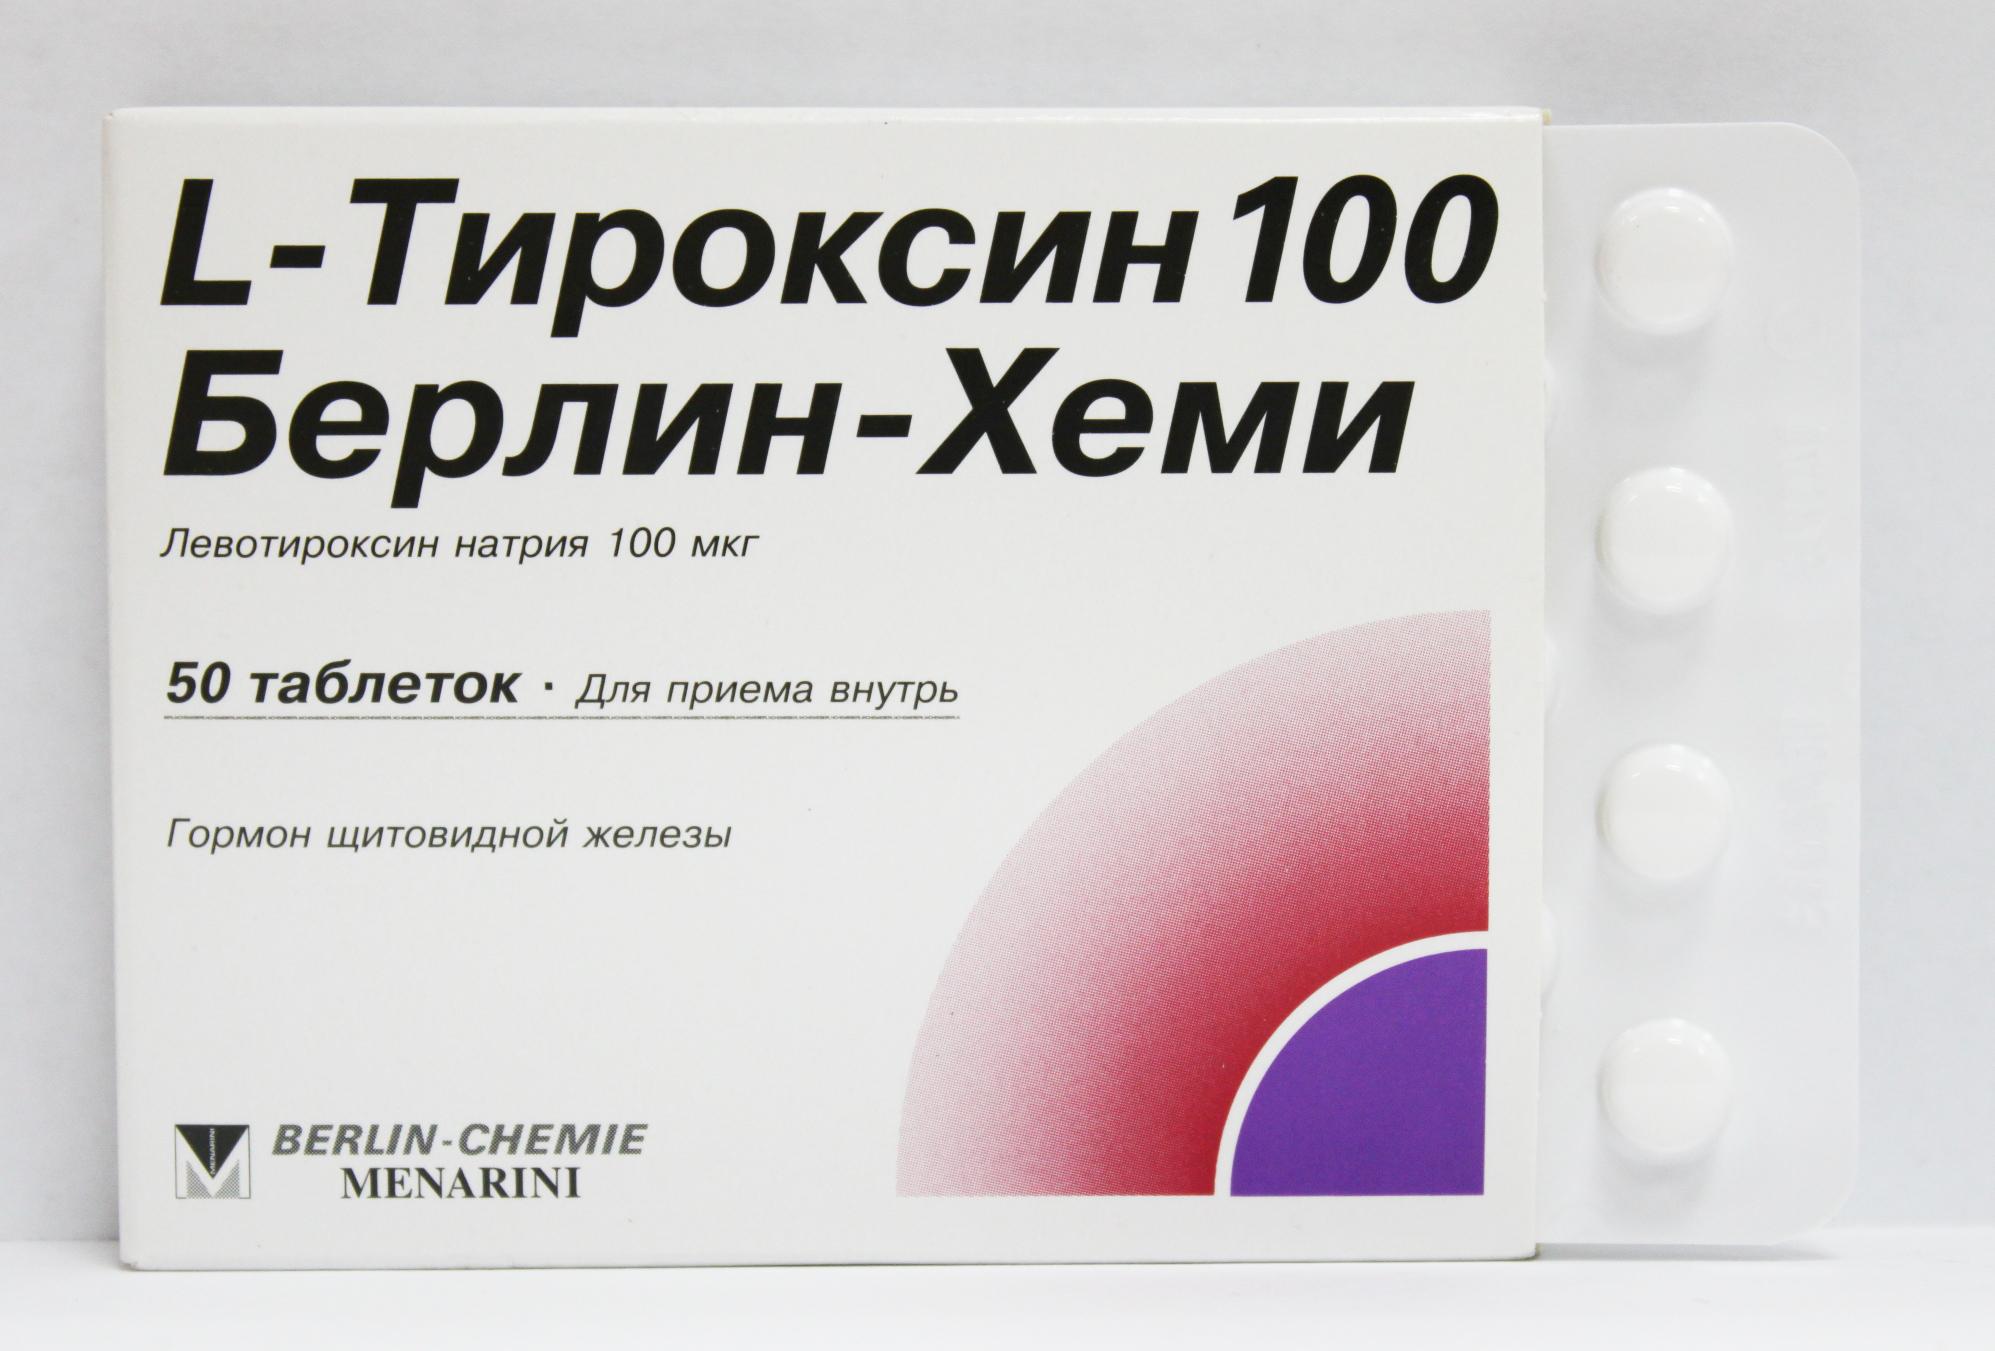 Гормоны щитовидной железы в таблетках.